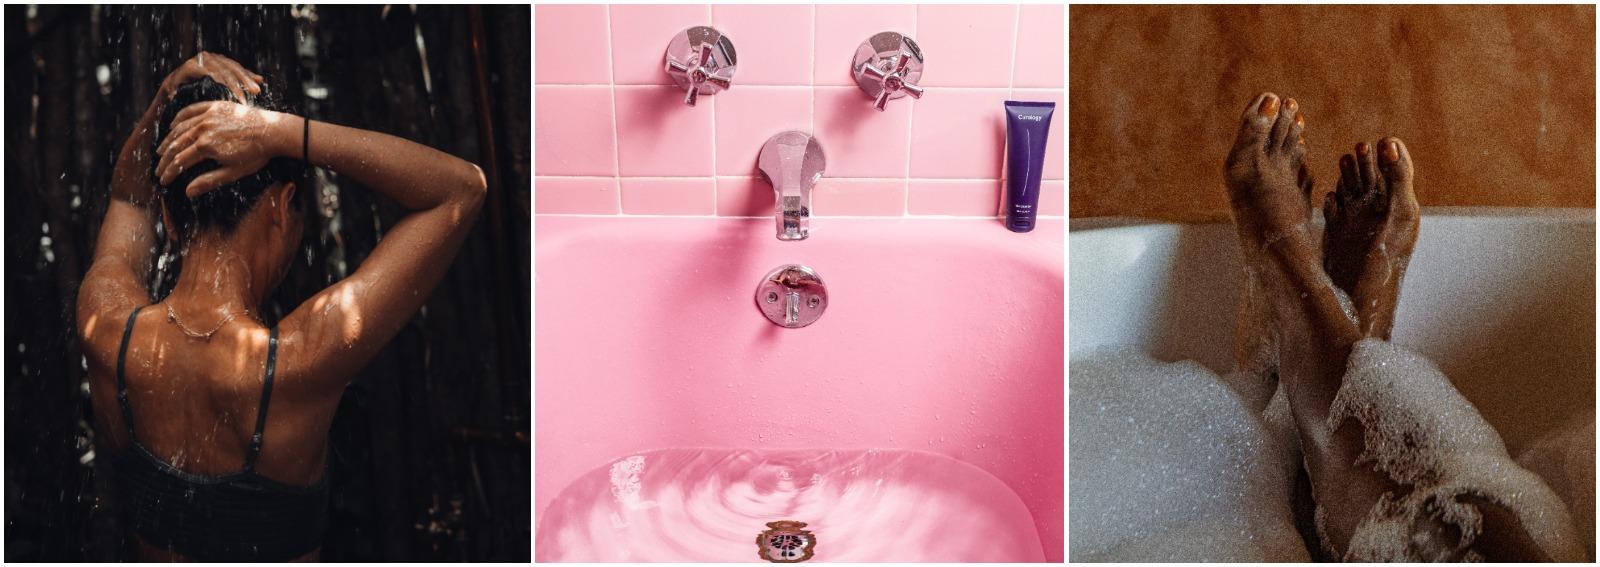 showergel rinfrescanti e profumati per l'estate cover desktop